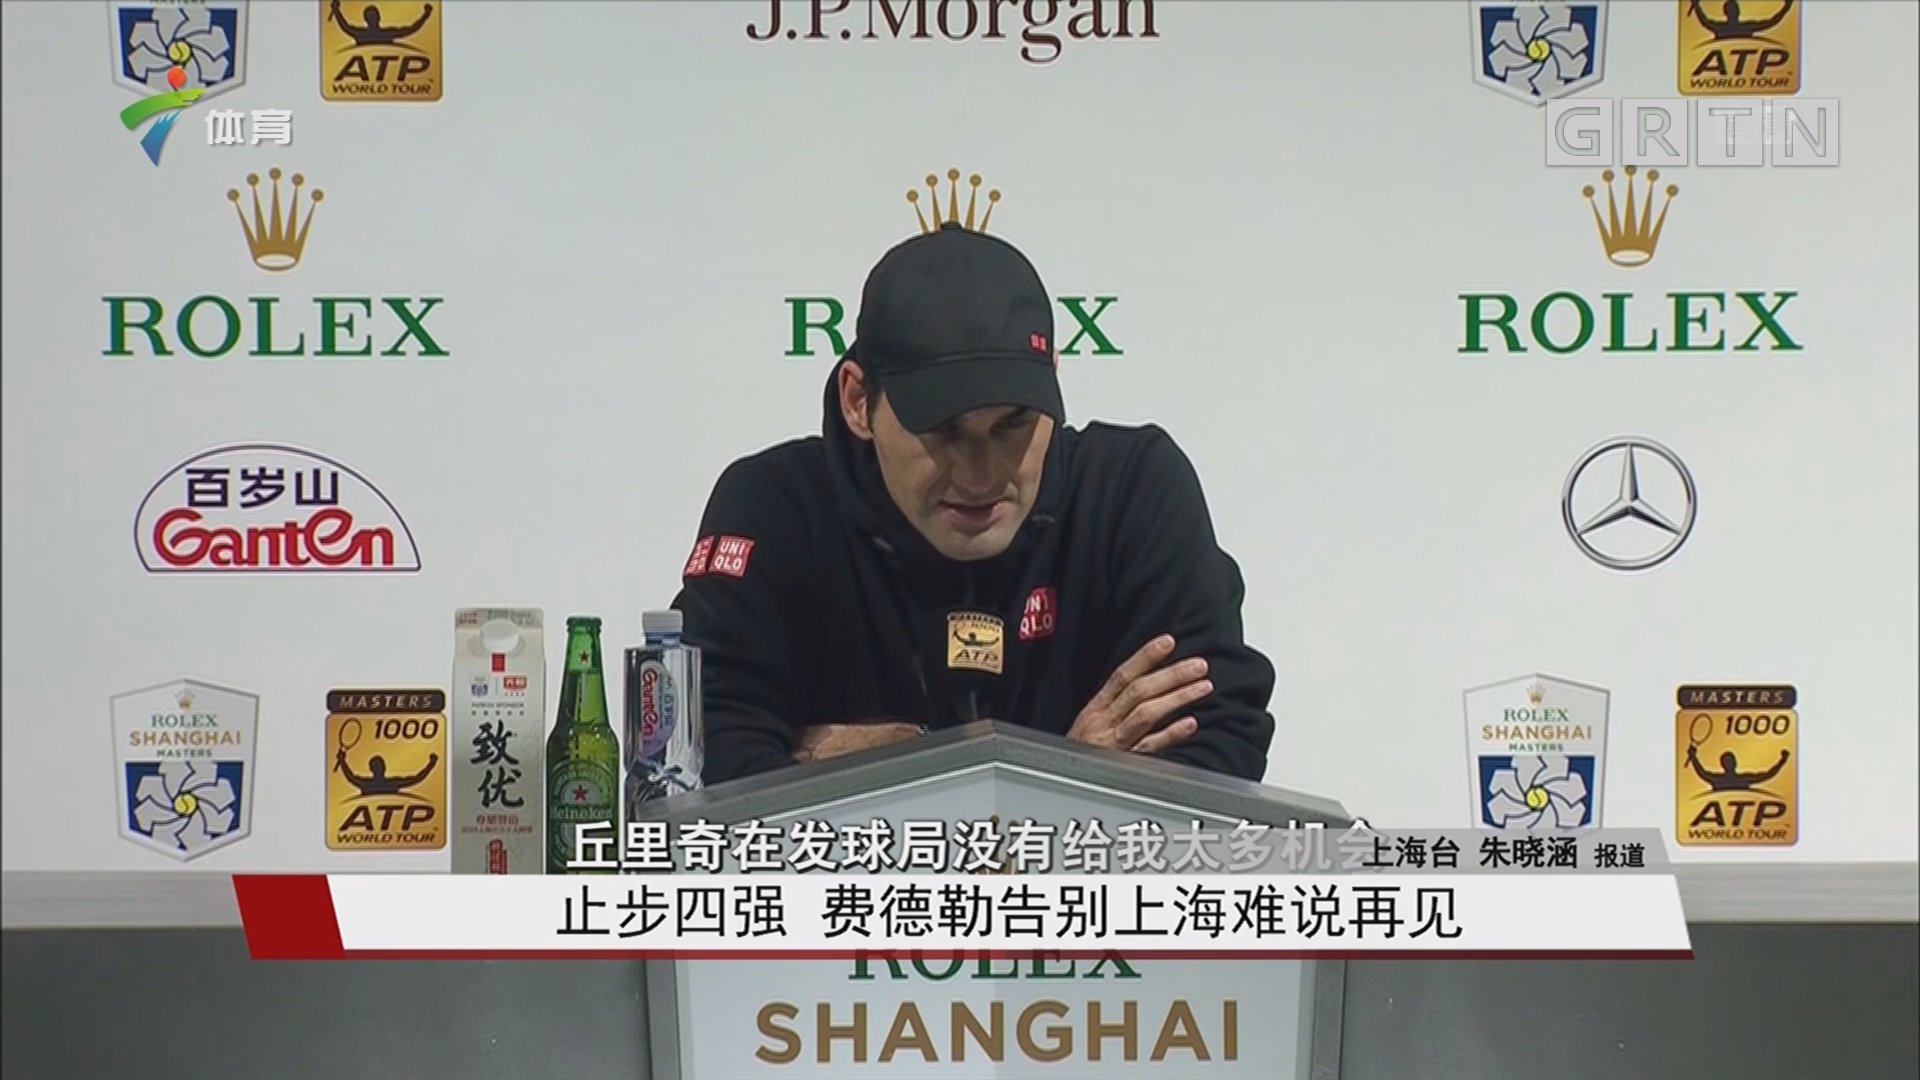 止步四强 费德勒告别上海难说再见